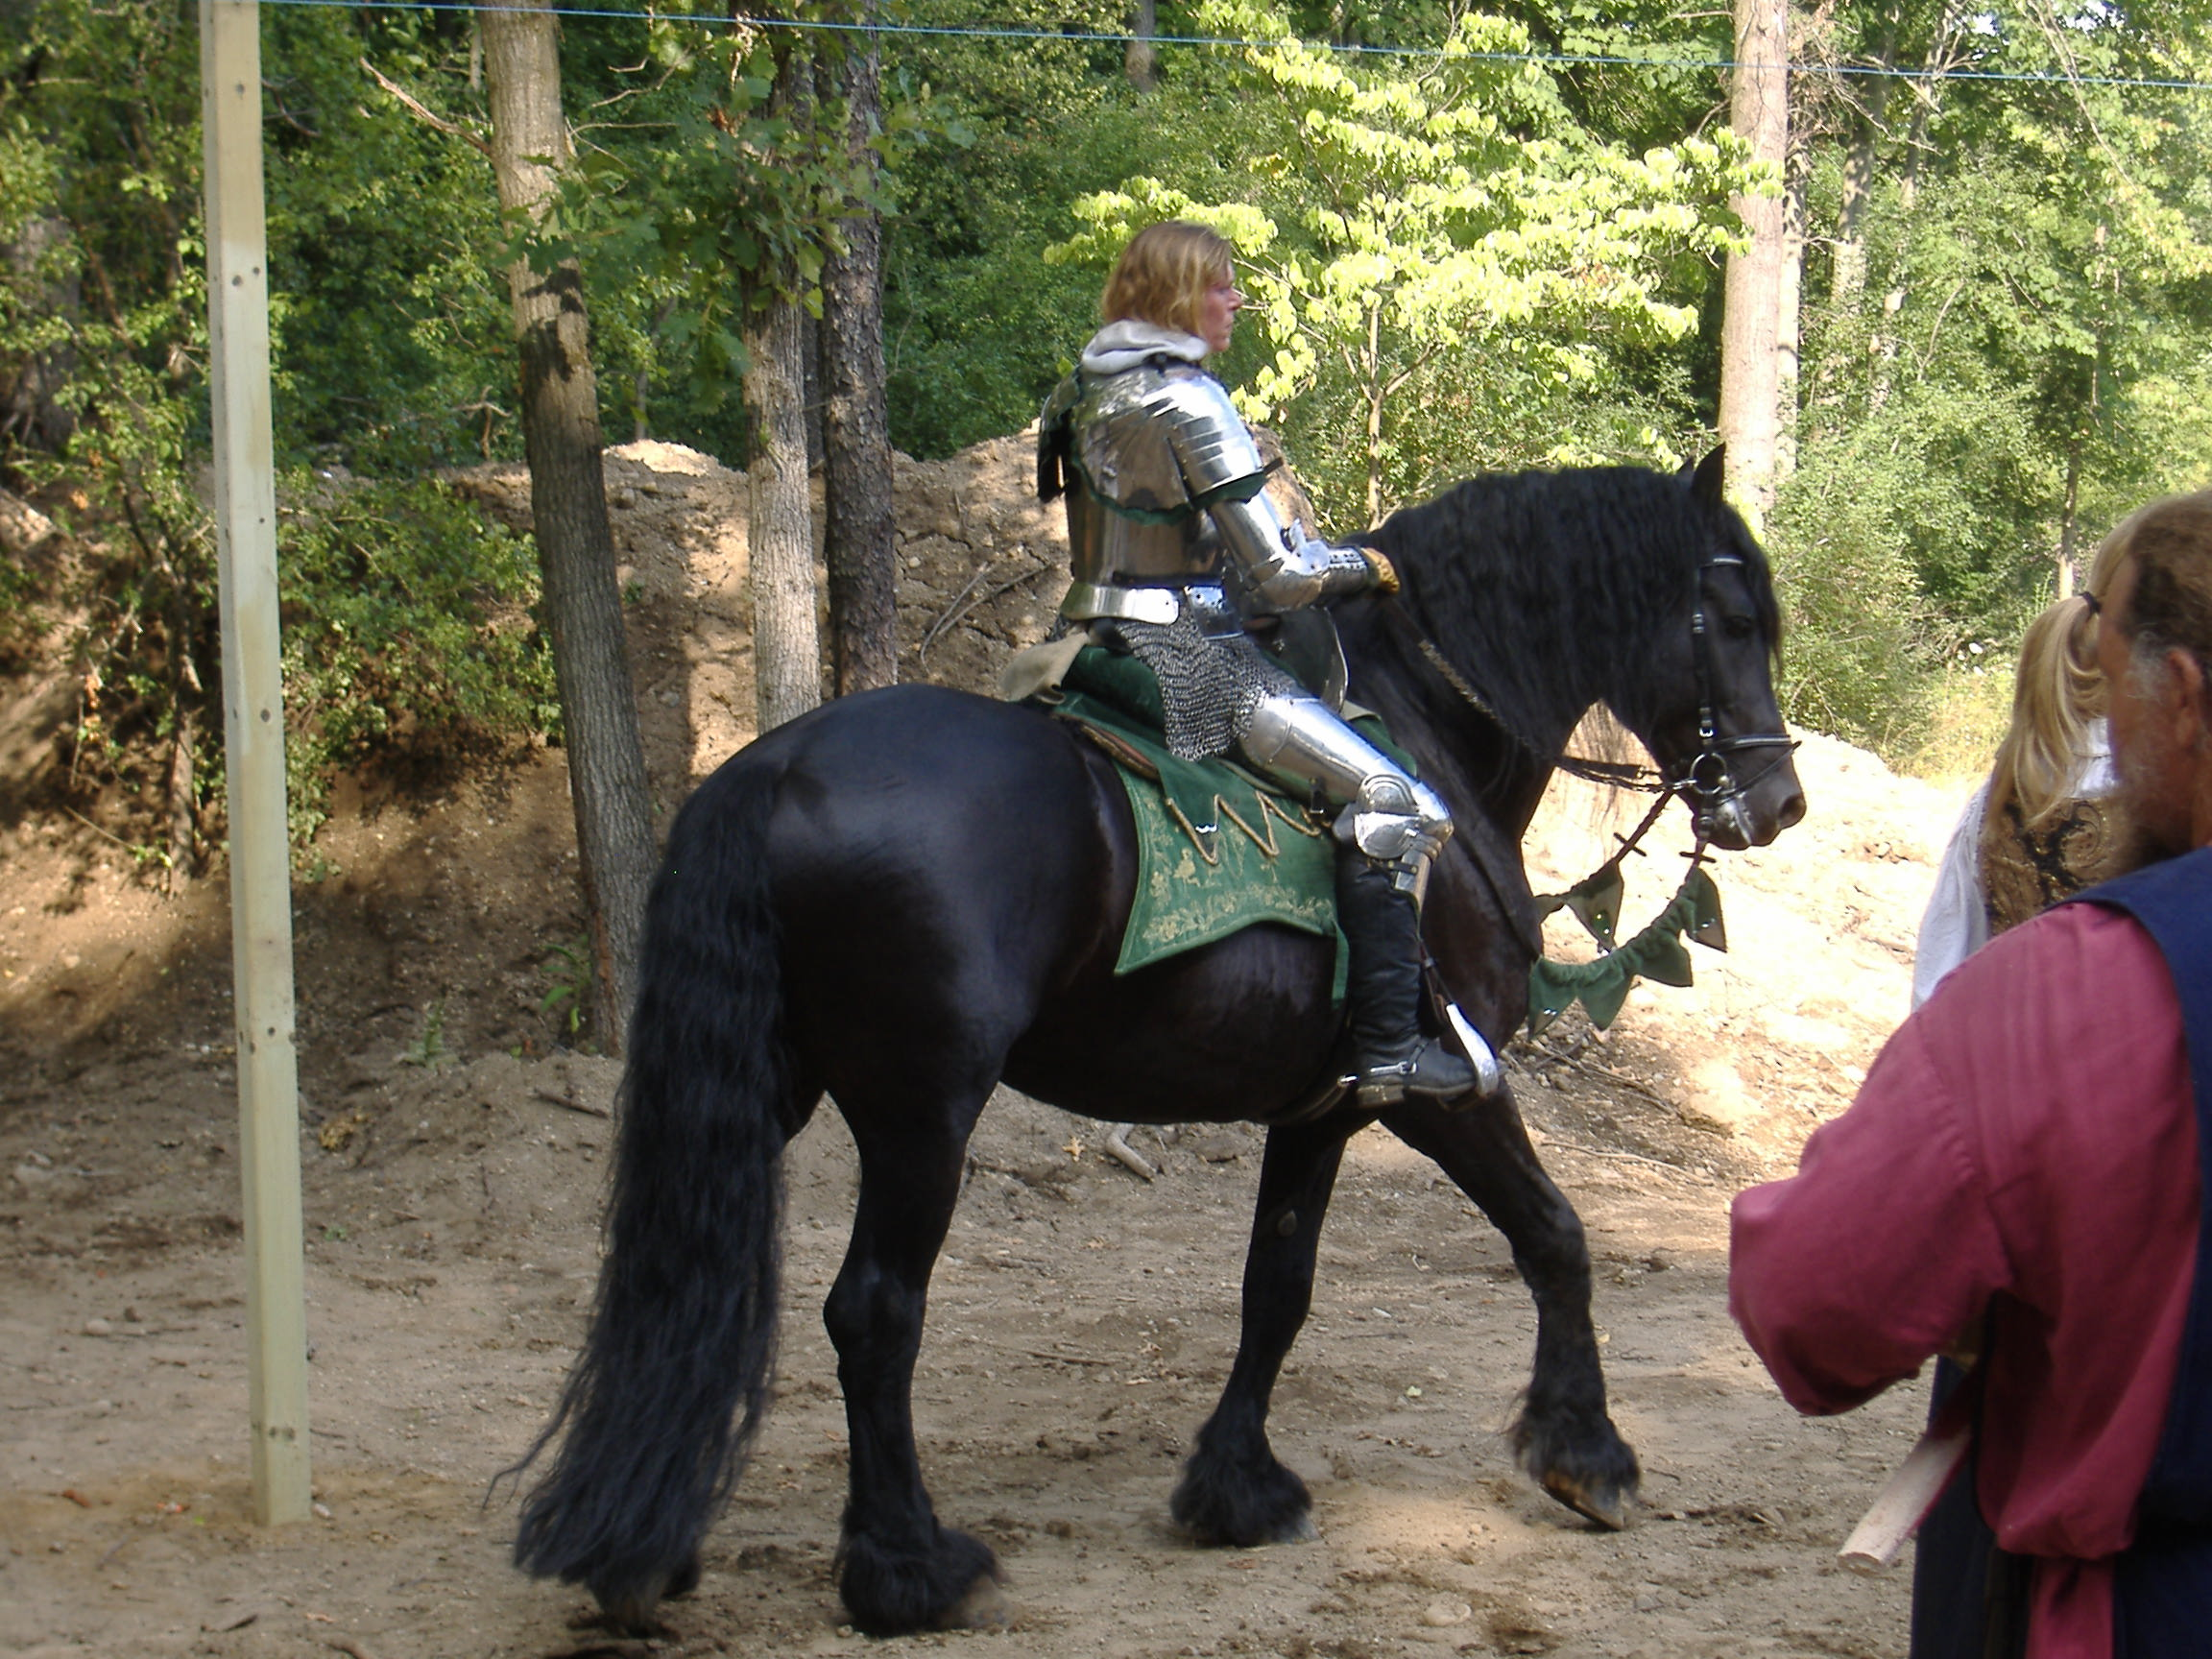 Knight 16 by akirastock